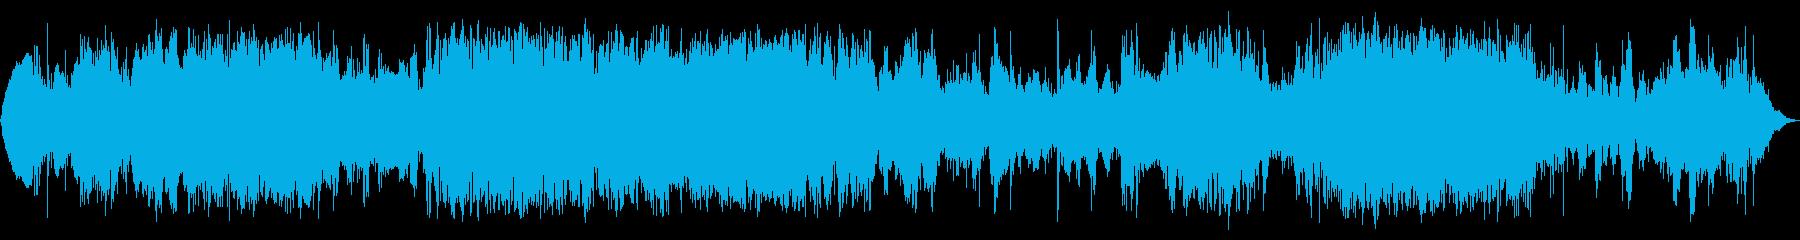 グルーヴィースペース2の再生済みの波形